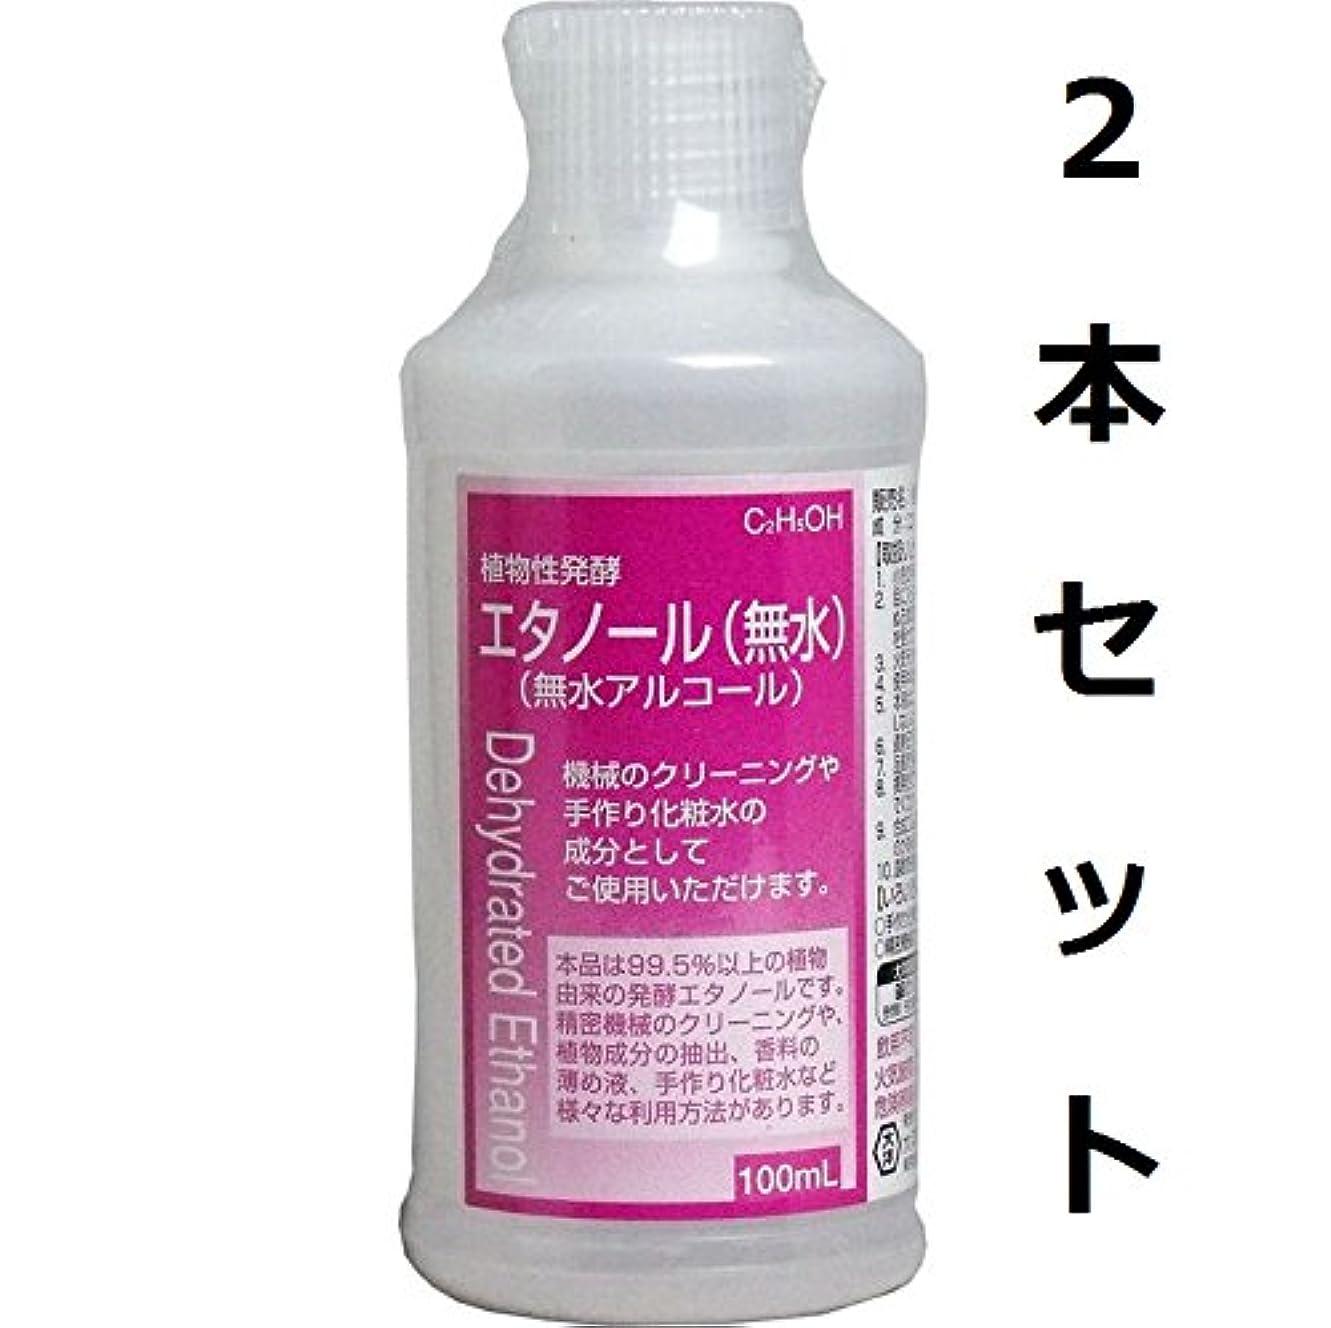 行う存在機転精密機械のクリーニングに 植物性発酵エタノール(無水エタノール) 100mL 2本セット